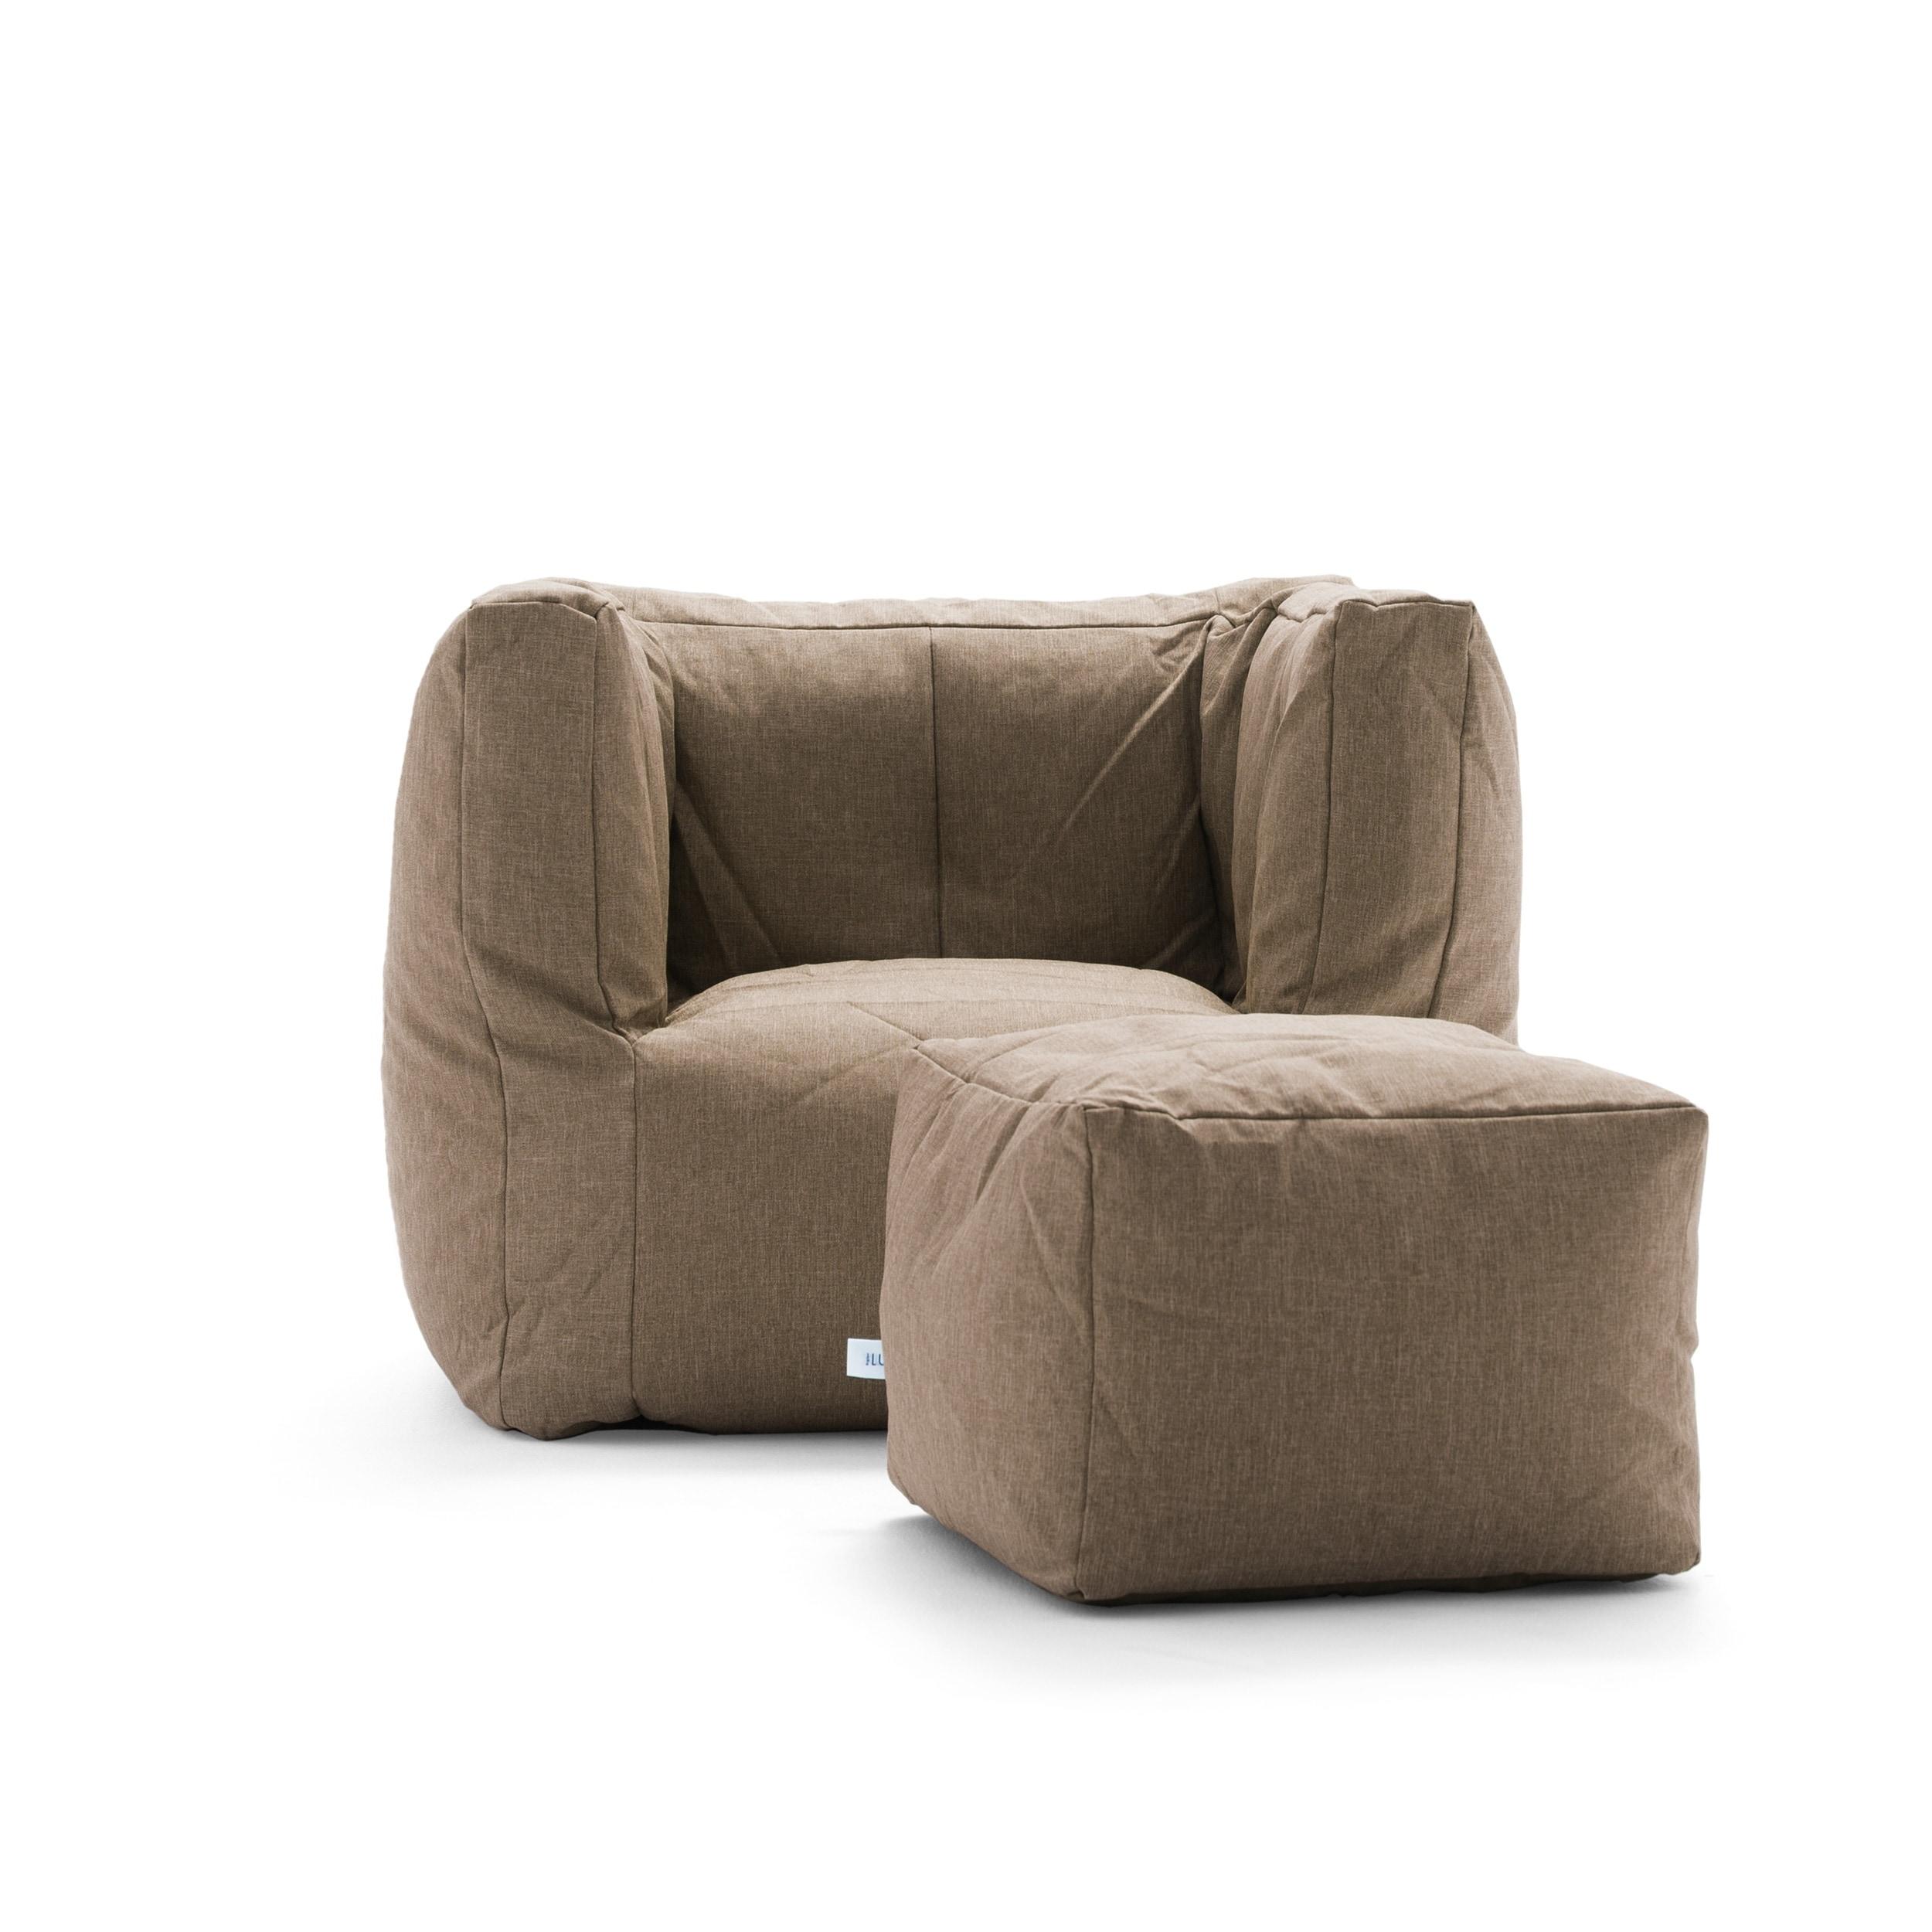 Big Joe Lux Cube & Ottoman Bean Bag Chair, Multiple